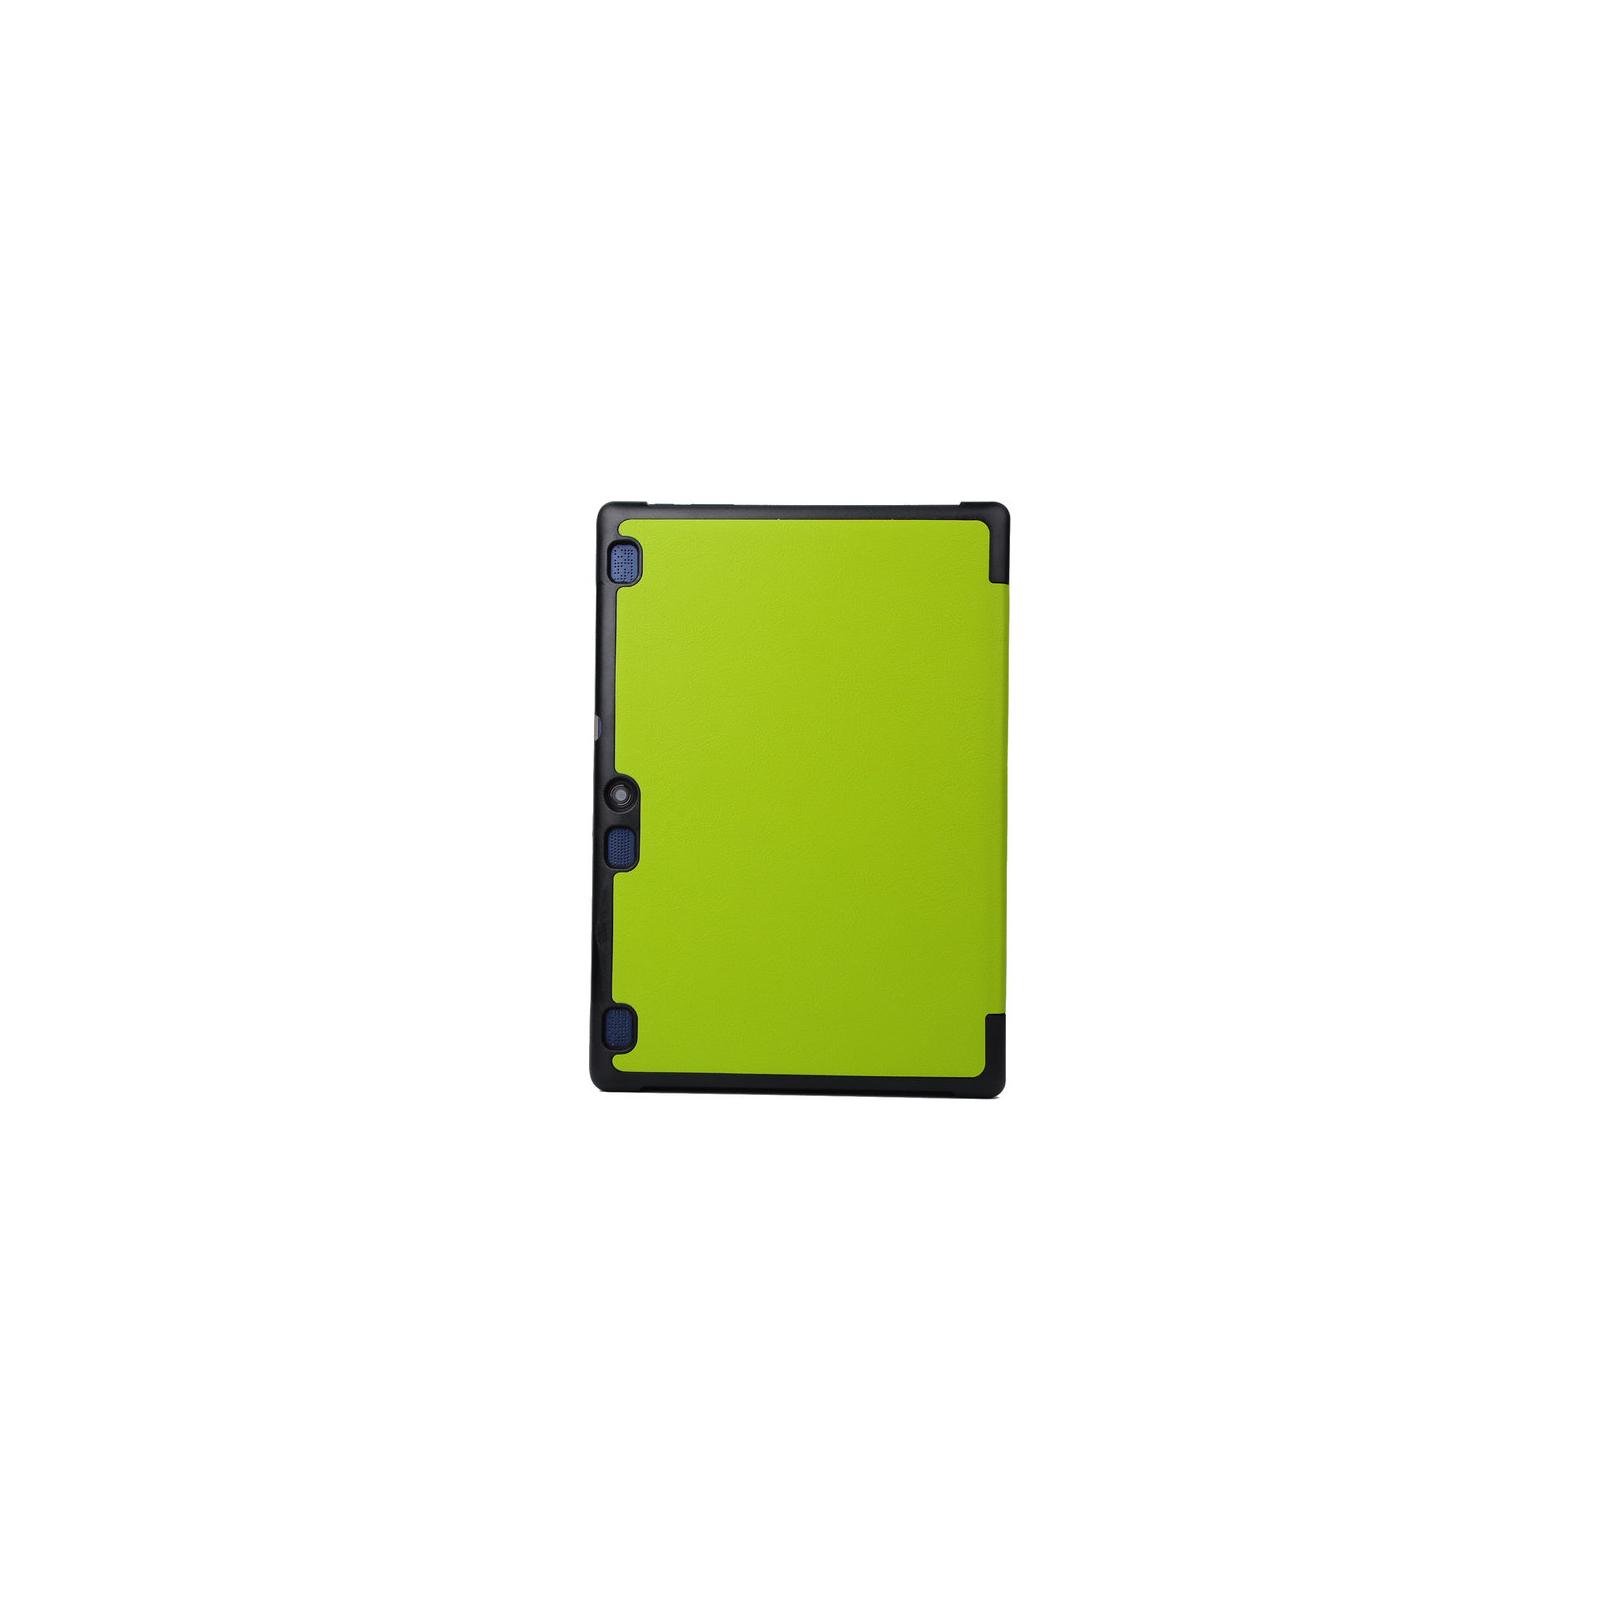 Чехол для планшета AirOn для Lenovo Tab 2 A10 green (4822352770013) изображение 2